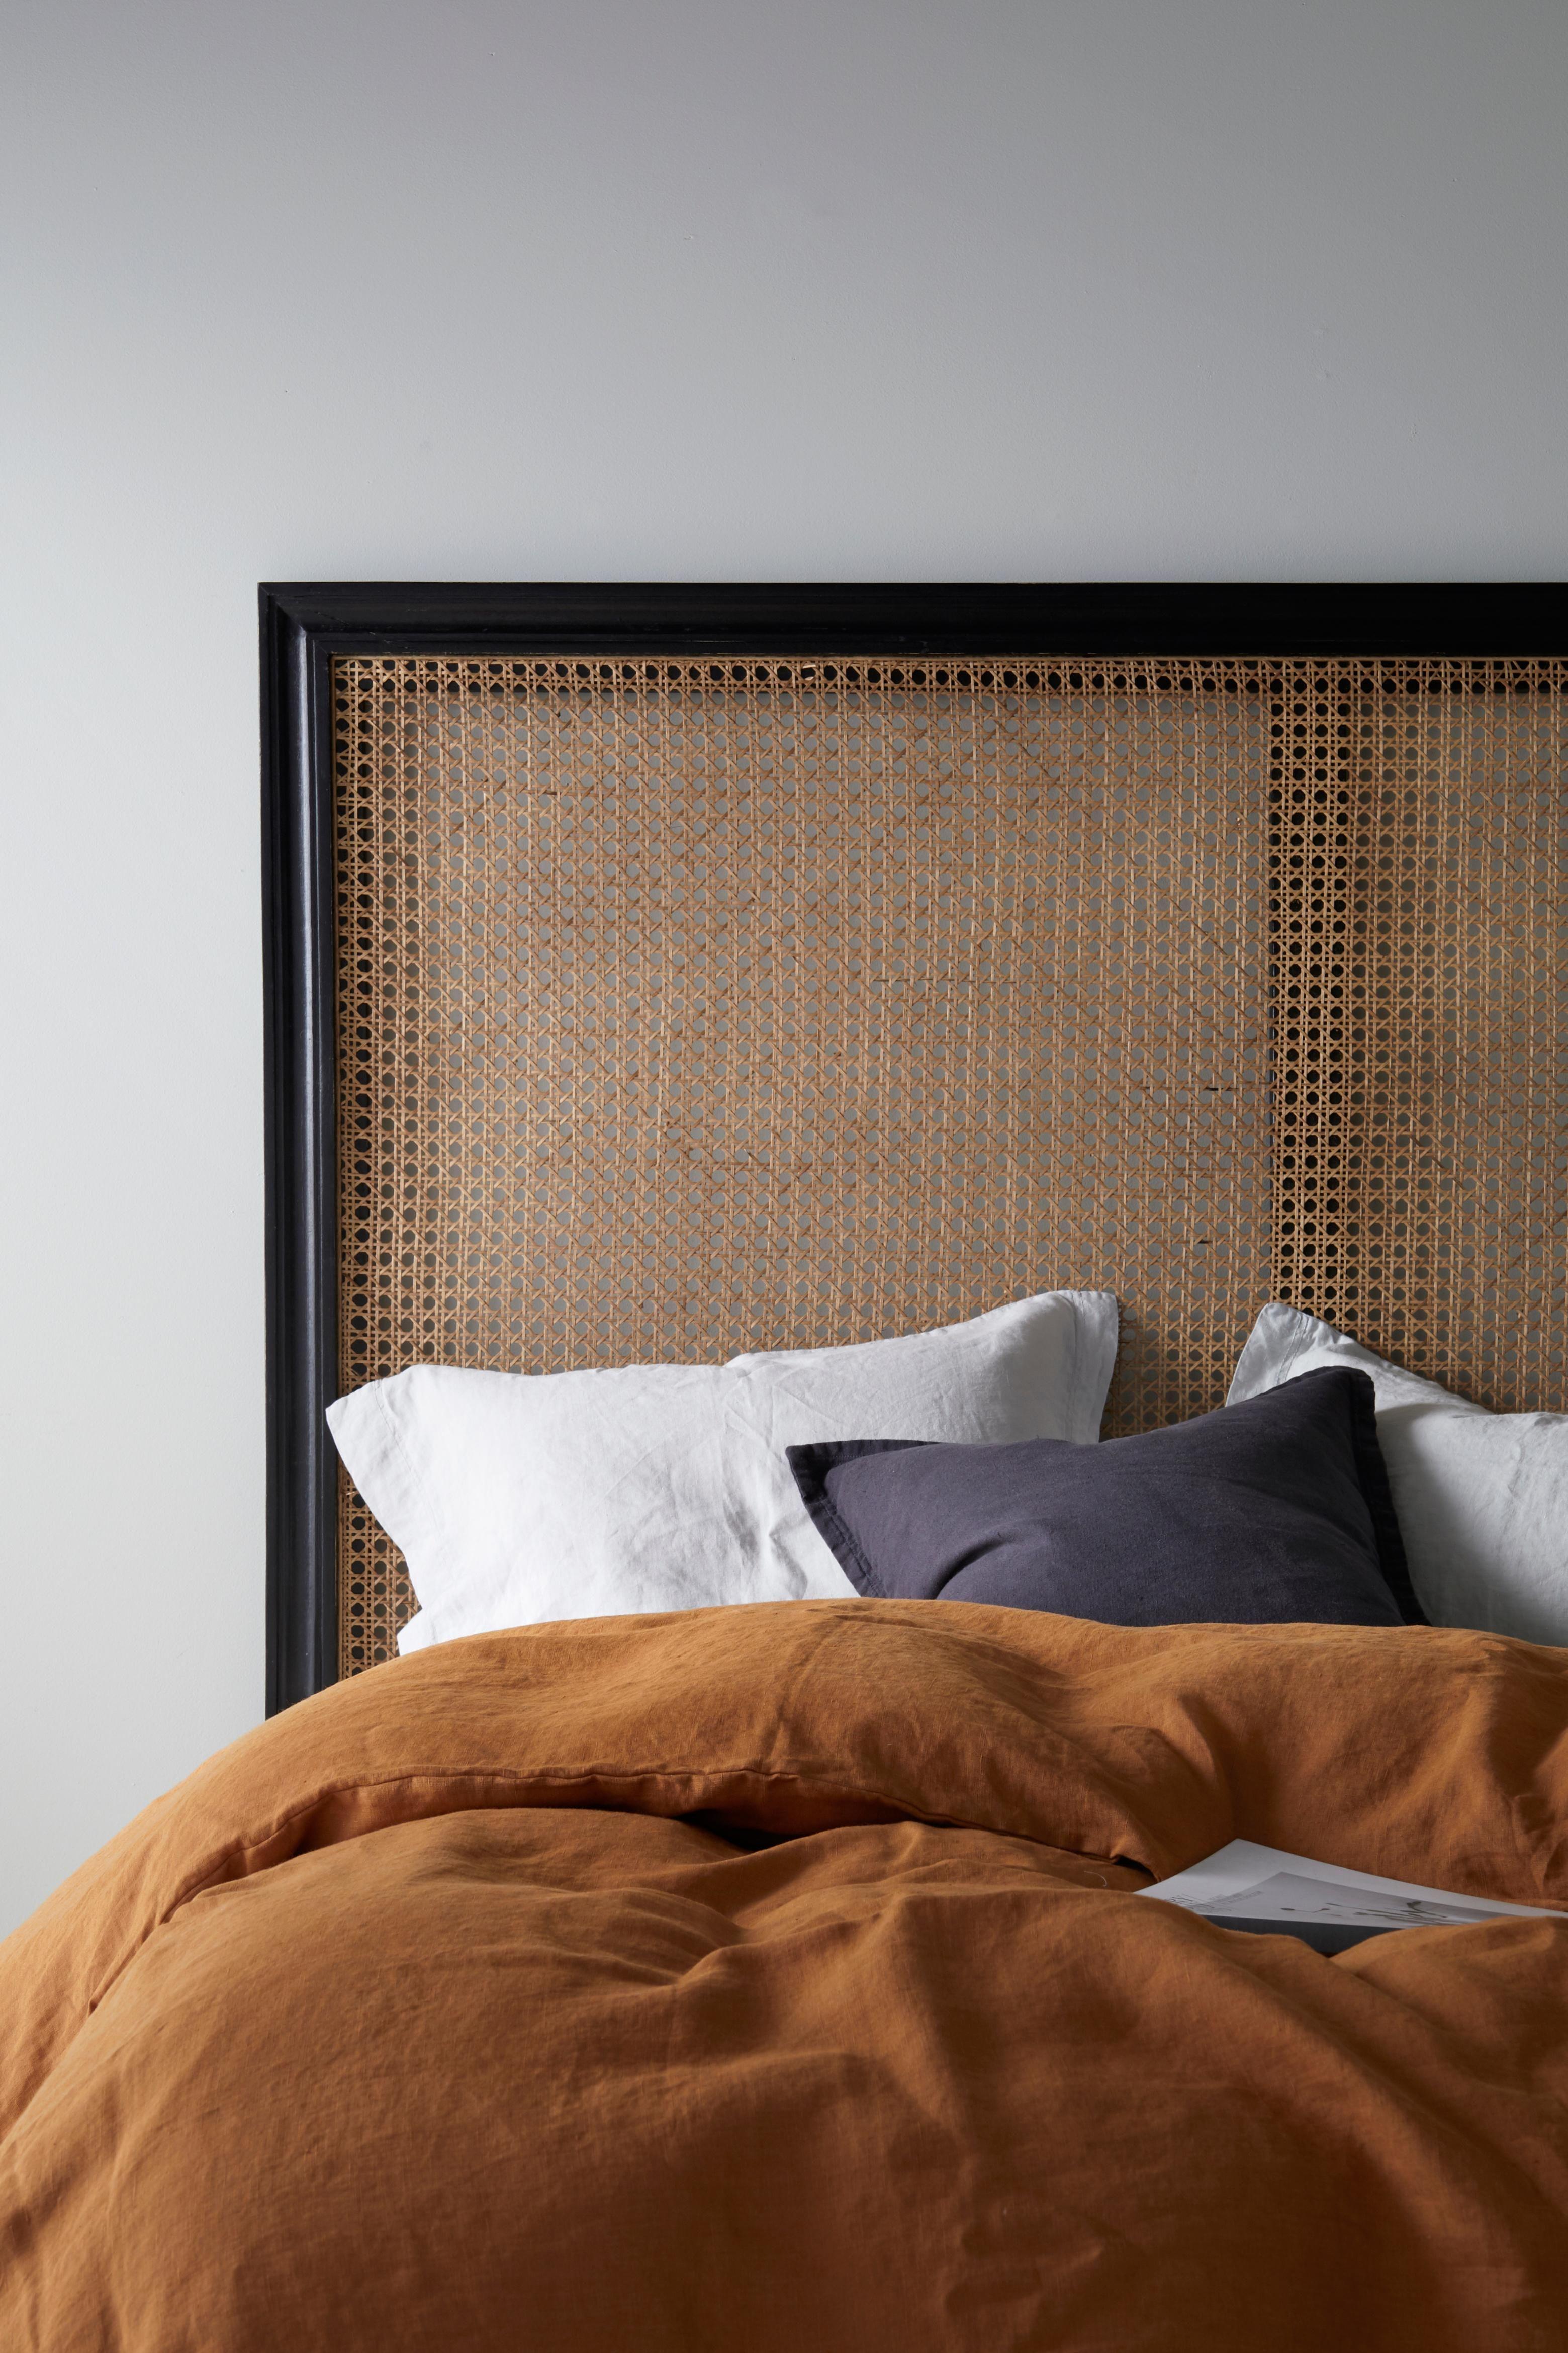 Sänggavel med svarvade ben för 180 cm säng Ställs on golvet ej för väggupphängning Av mangoträ och rotting Höjd 139 5 cm bredd 180 cm djup vid benet 8